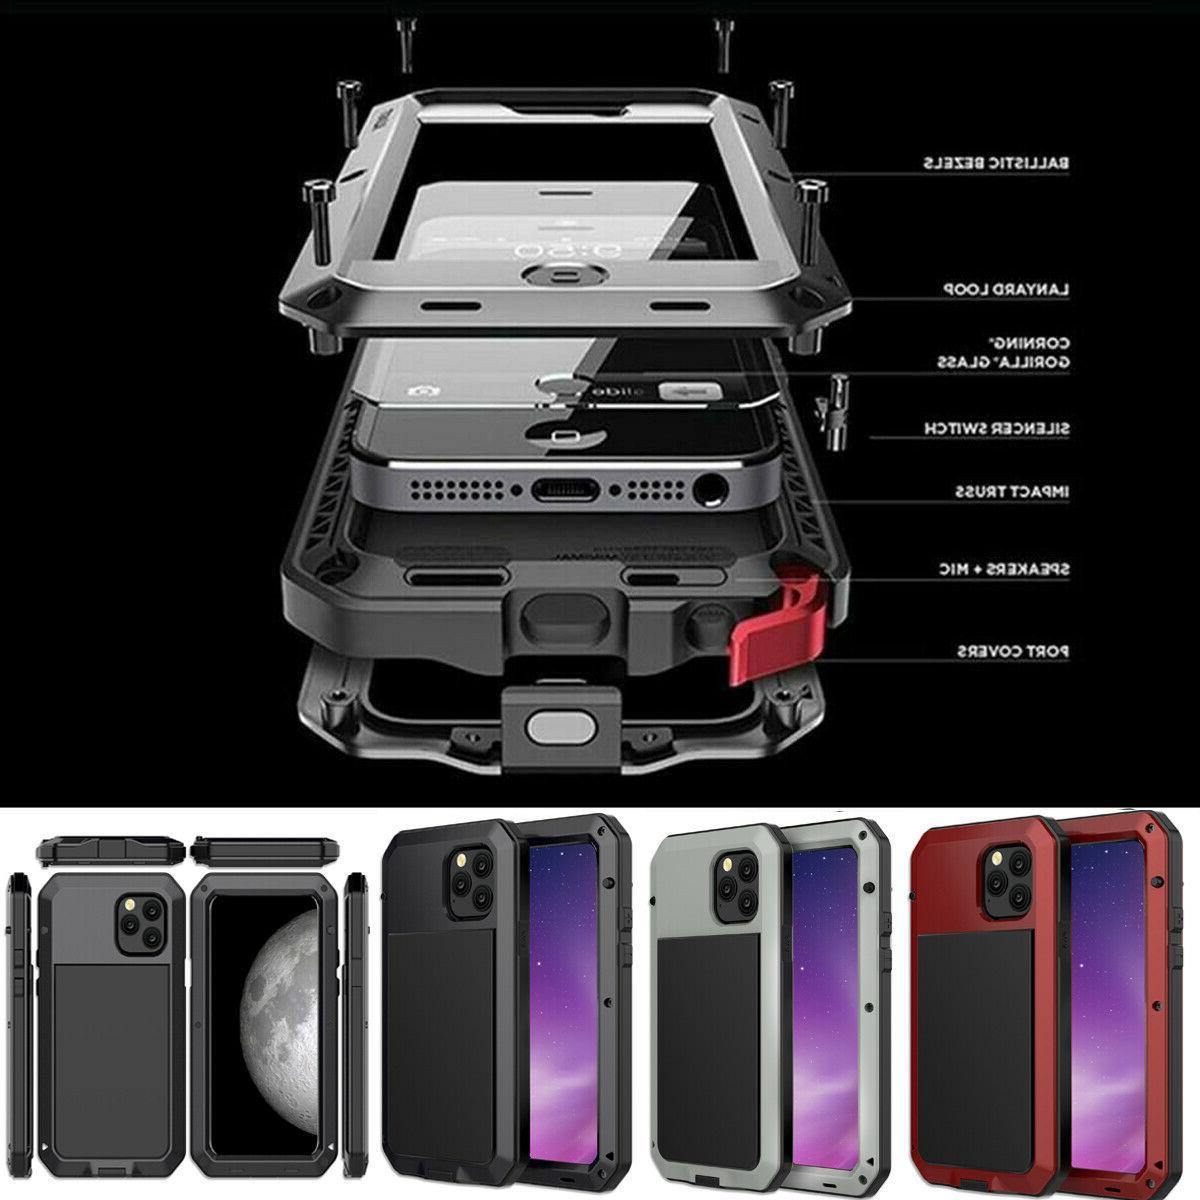 f iphone 11 pro max 8 plus